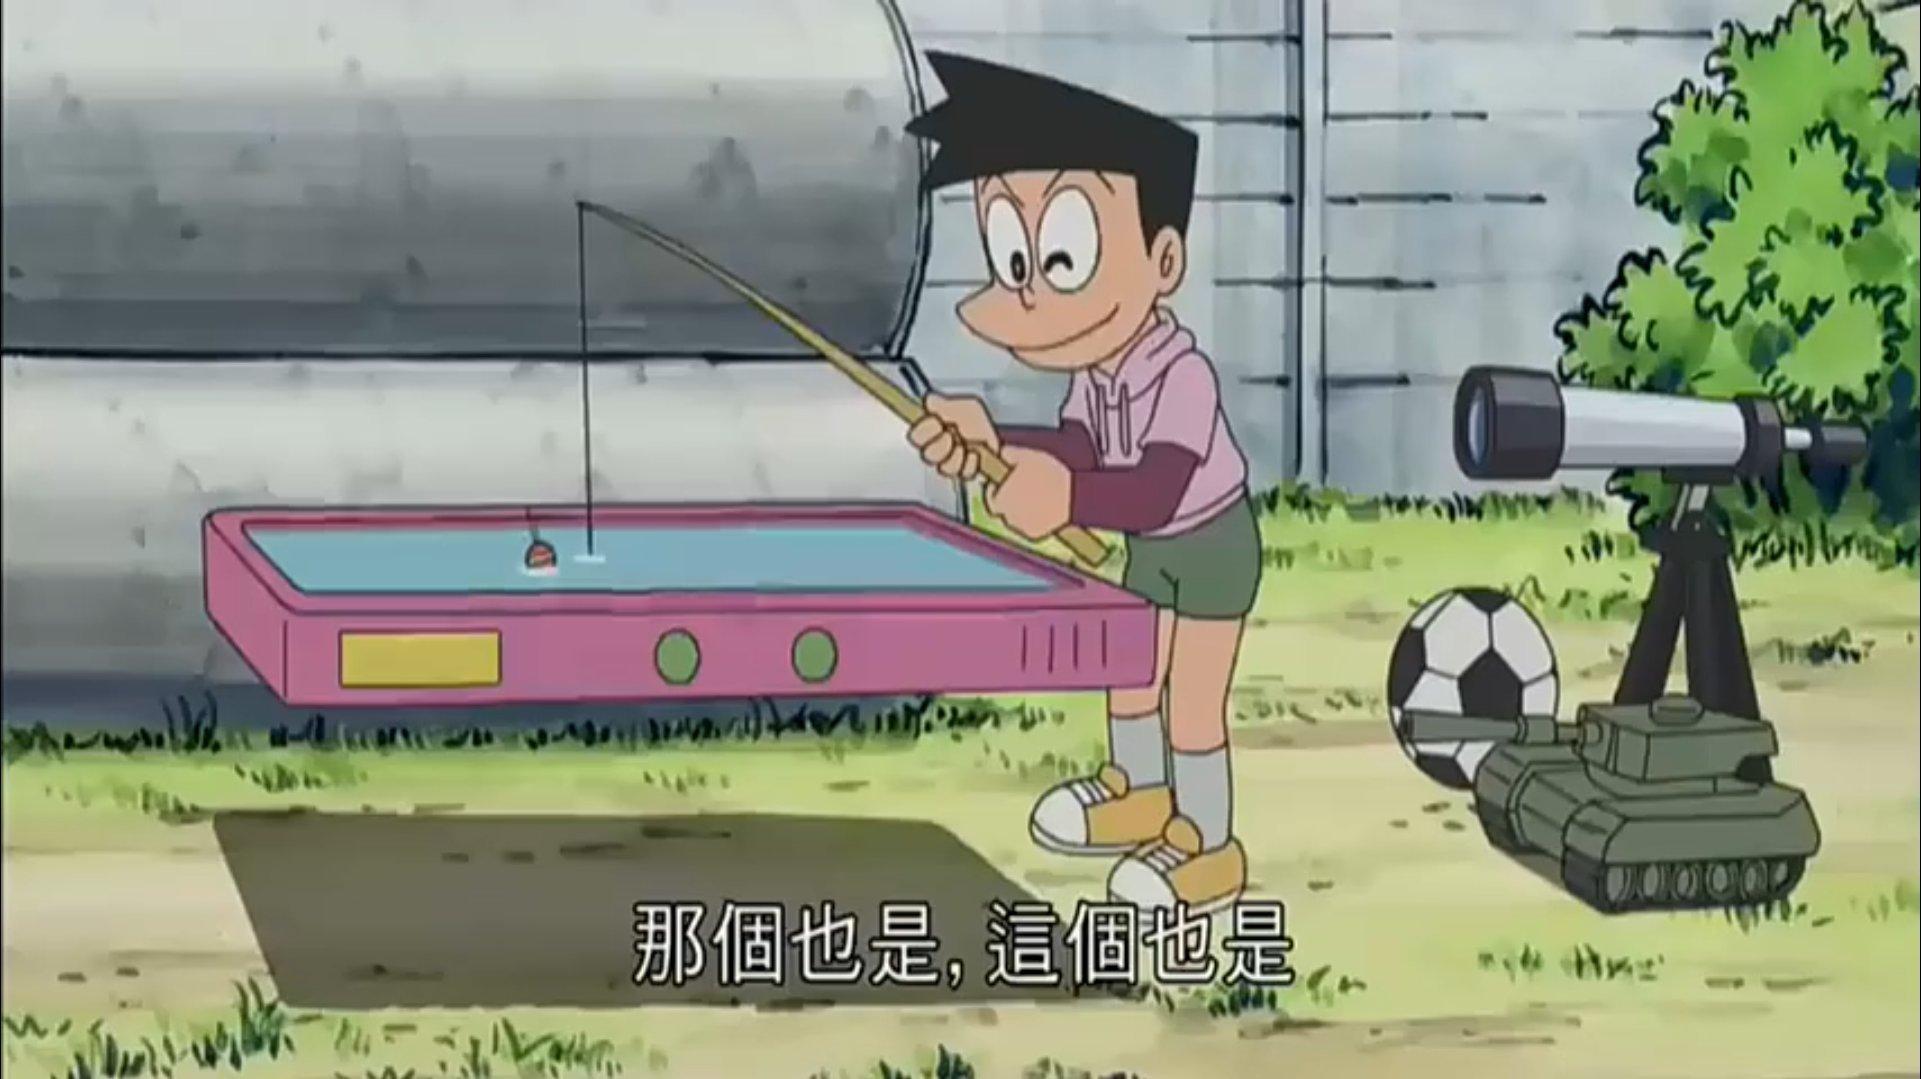 【视频】哆啦A梦:小夫抢走钓鱼池,竟钓上胖虎,这下要挨揍了!